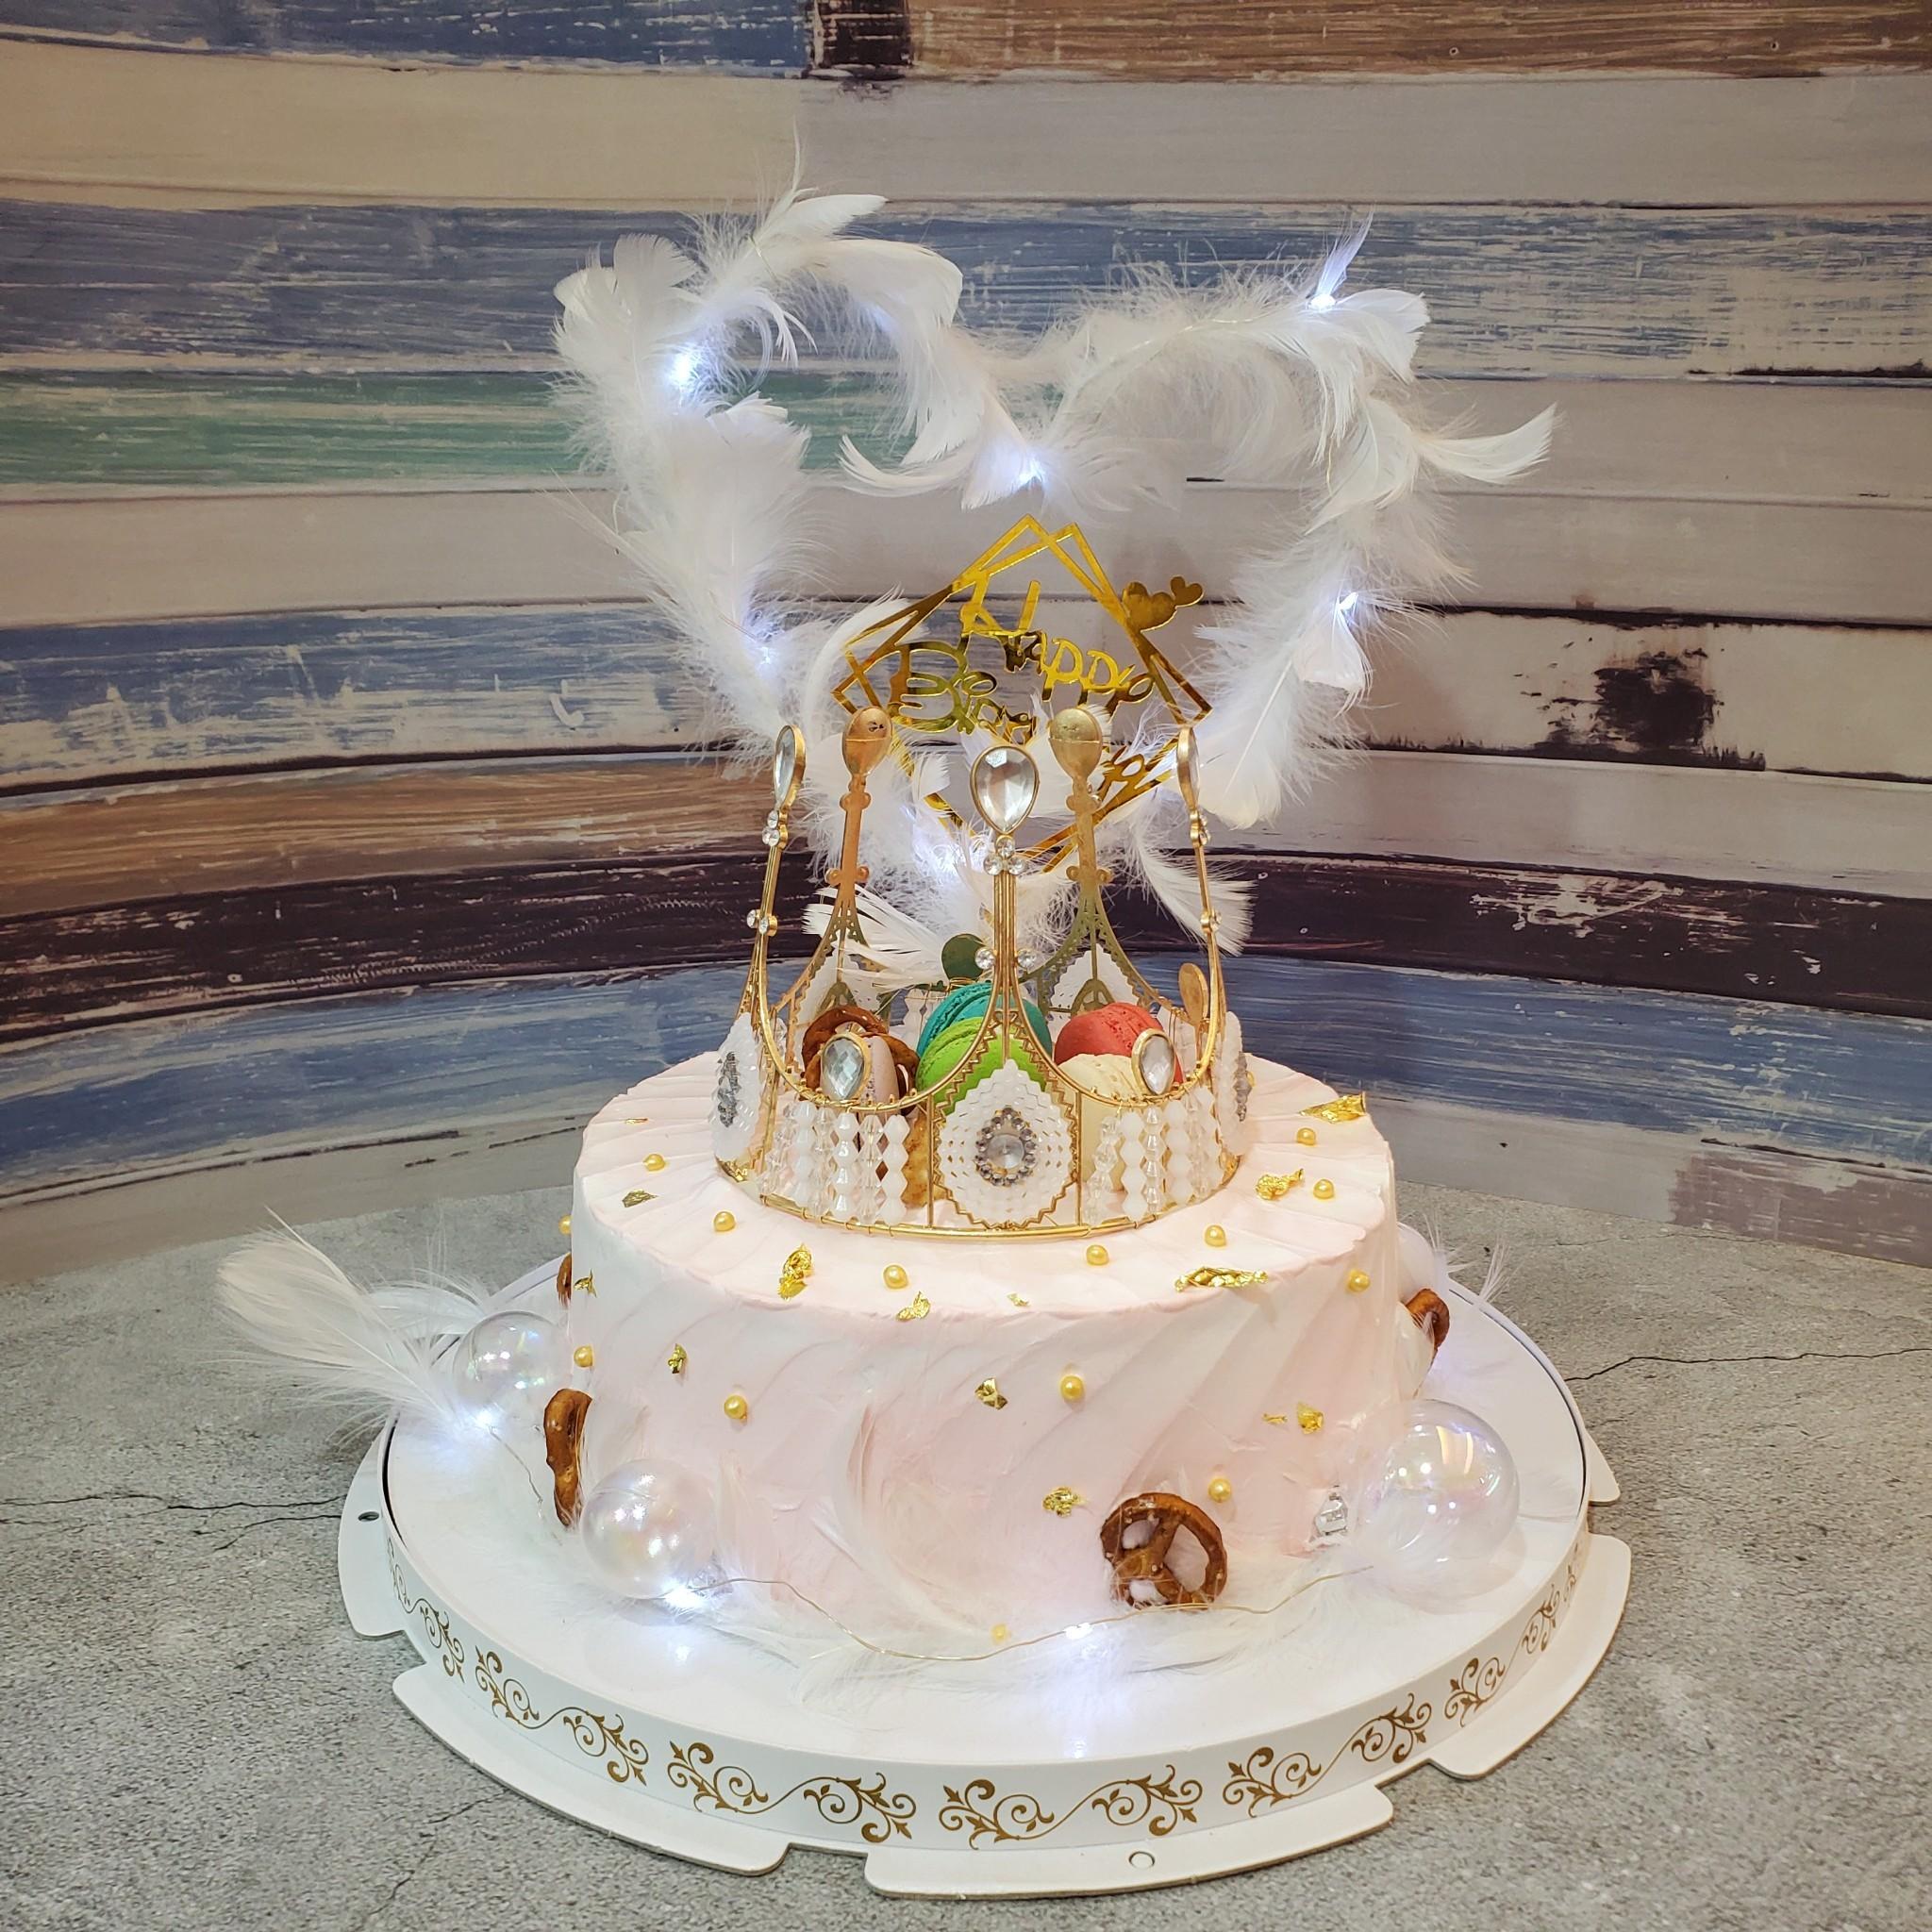 氣氛光羽馬卡龍皇冠蛋糕